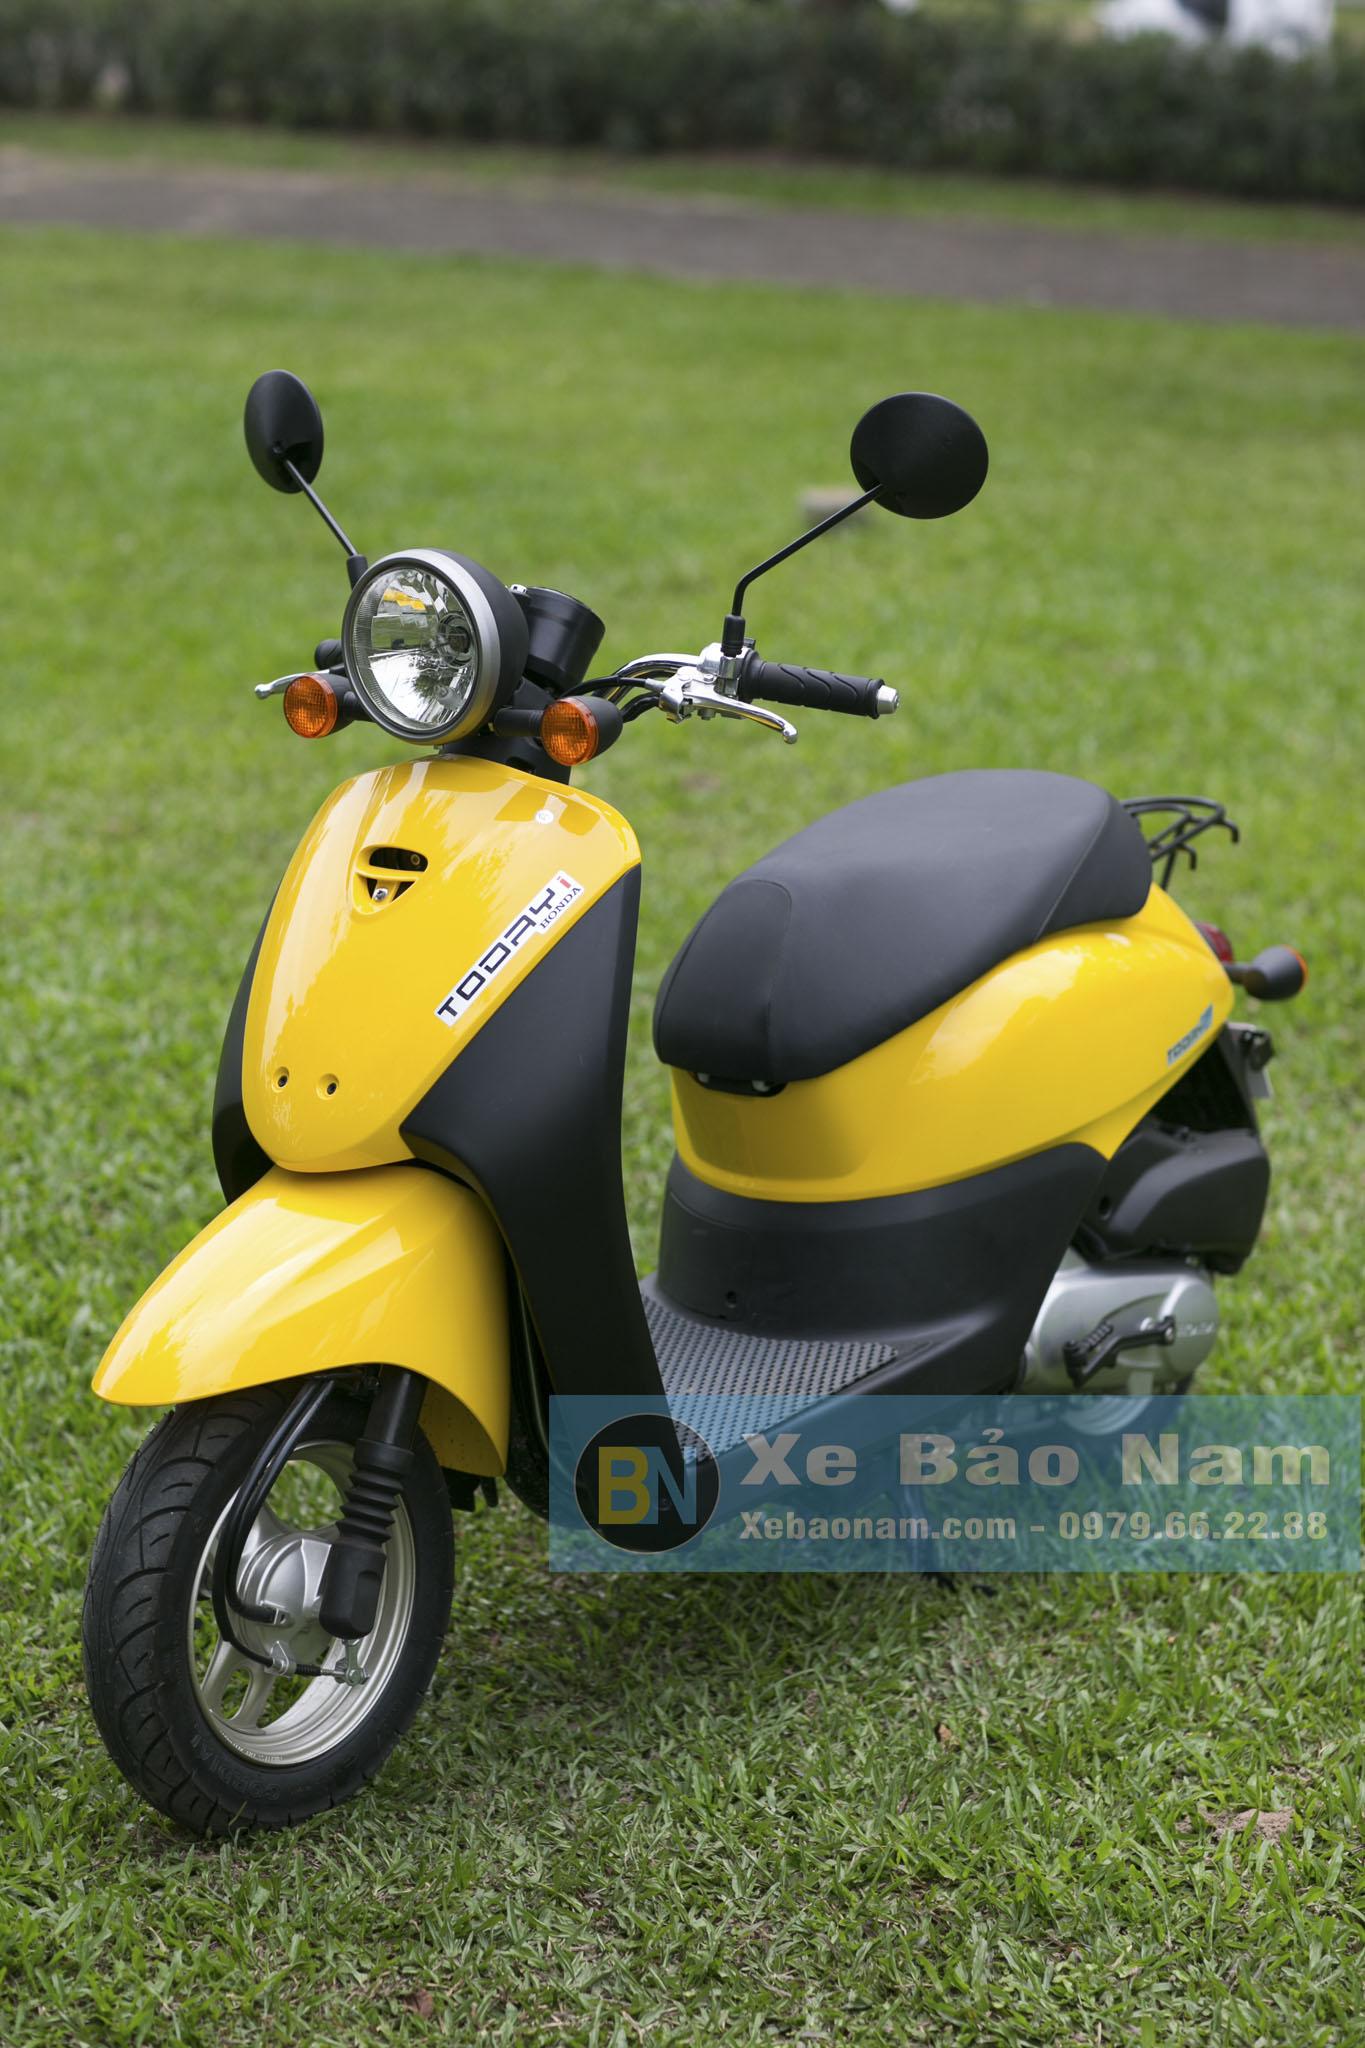 xe-ga-50cc-honda-today-8